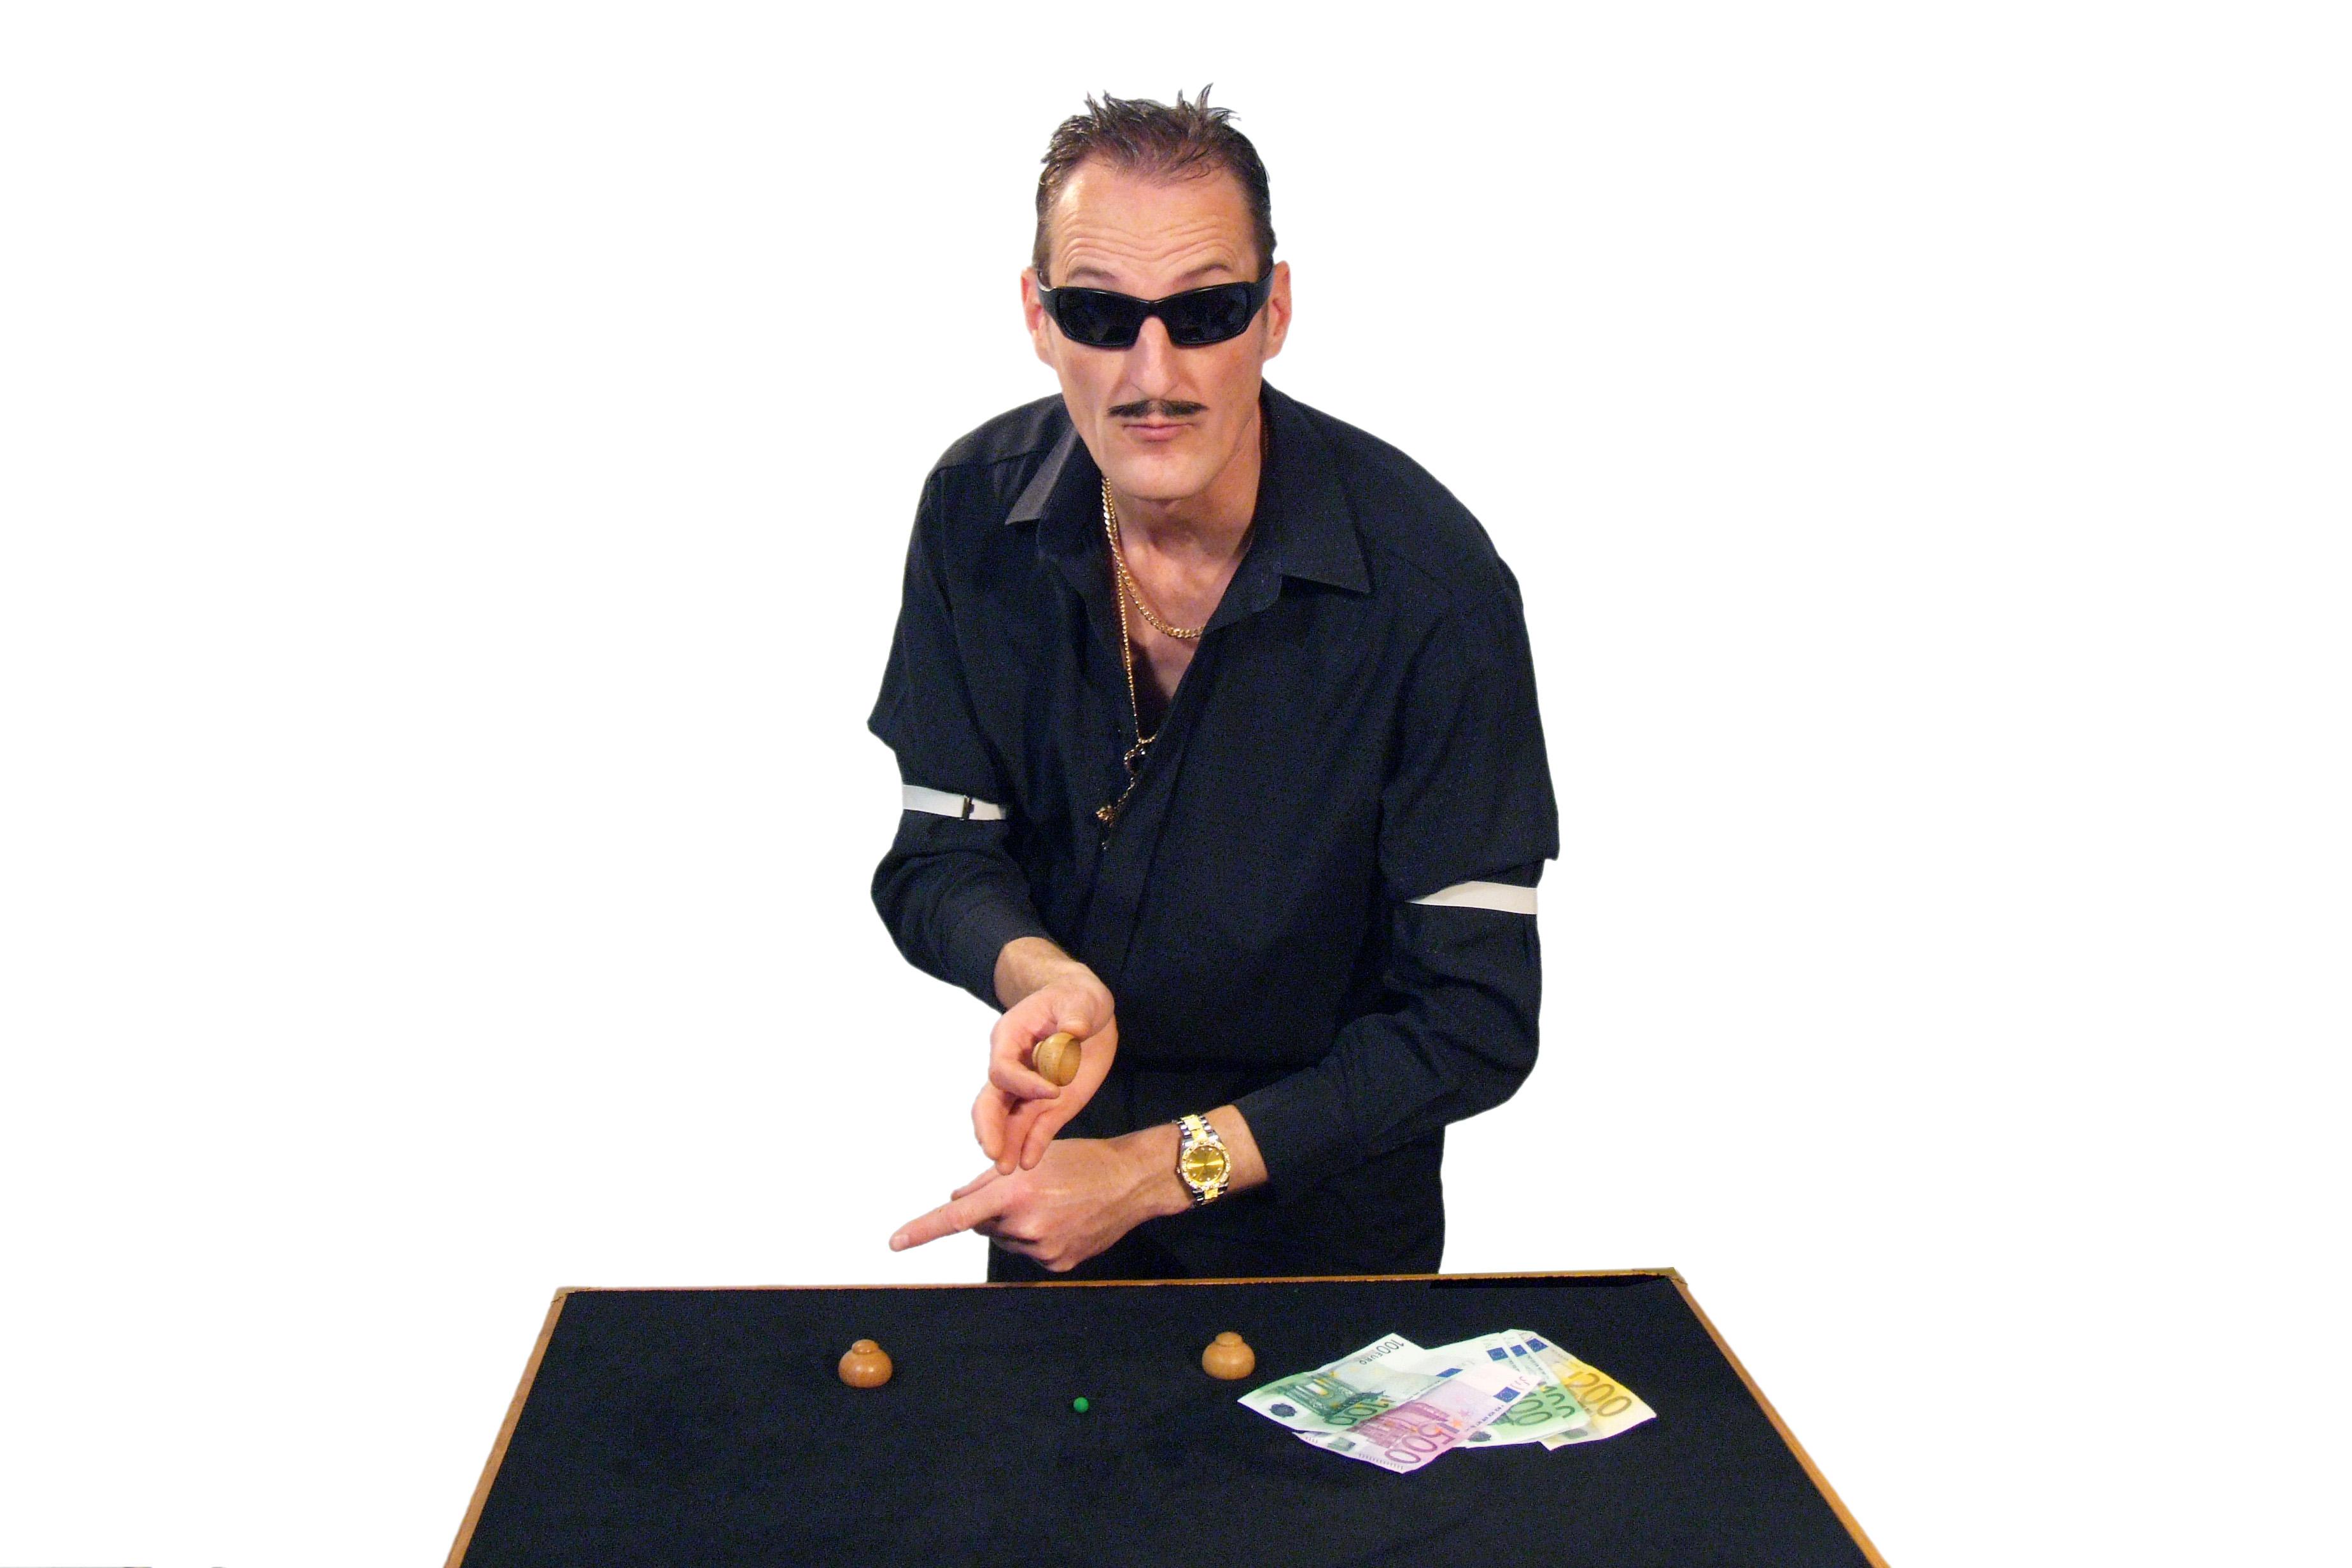 Hütchenspieler DER GROSSE BAGATELLO begeistert mit seinem Hütchenspiel